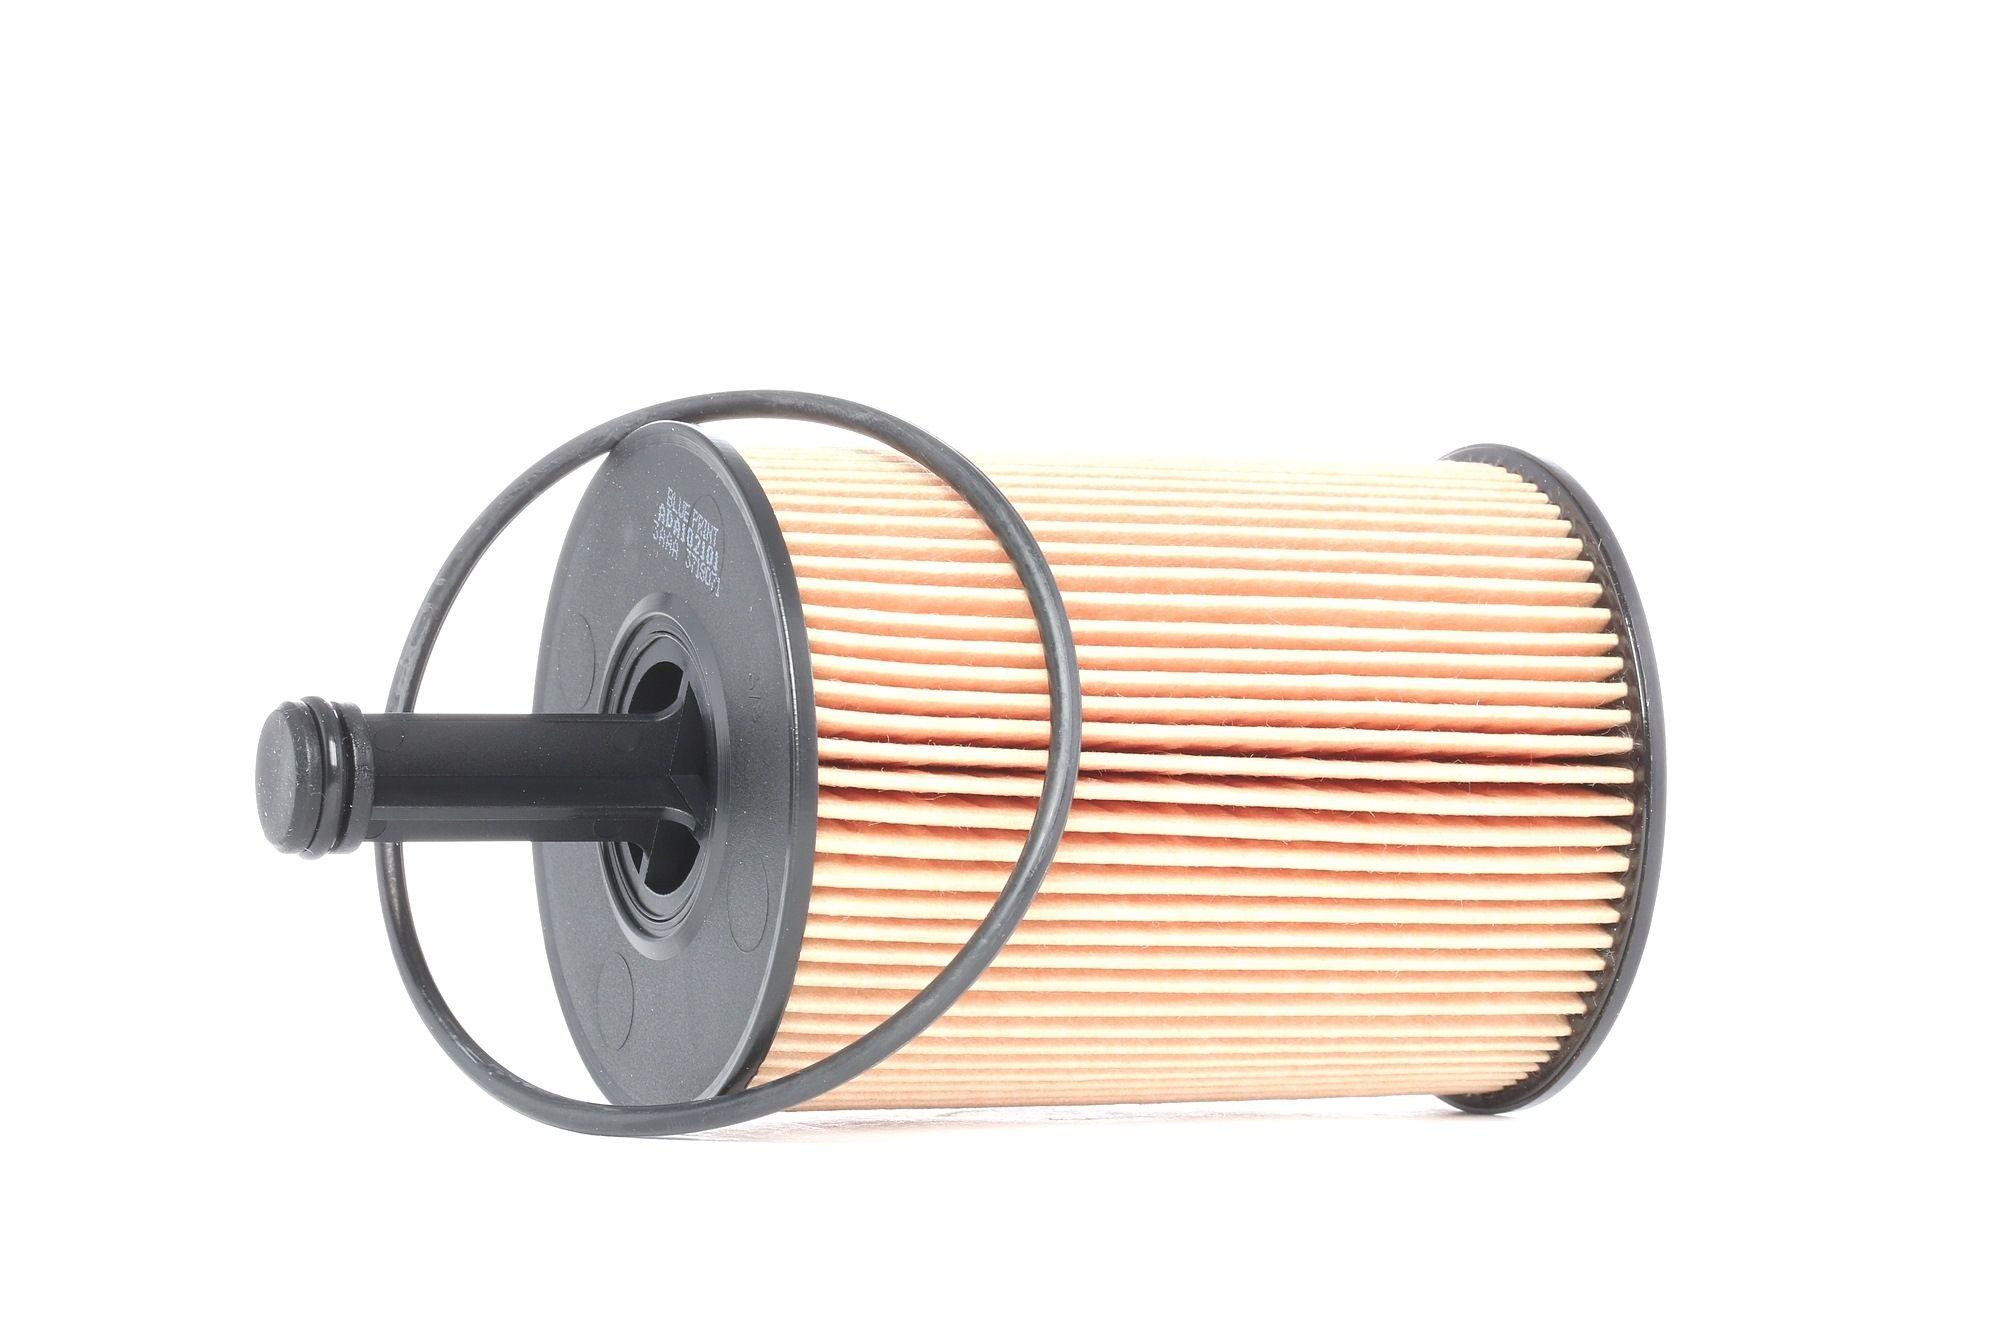 ADA102101 BLUE PRINT Filtereinsatz, mit Einspritzventil Innendurchmesser: 28,5mm, Ø: 71,0mm, Höhe: 141mm Ölfilter ADA102101 günstig kaufen